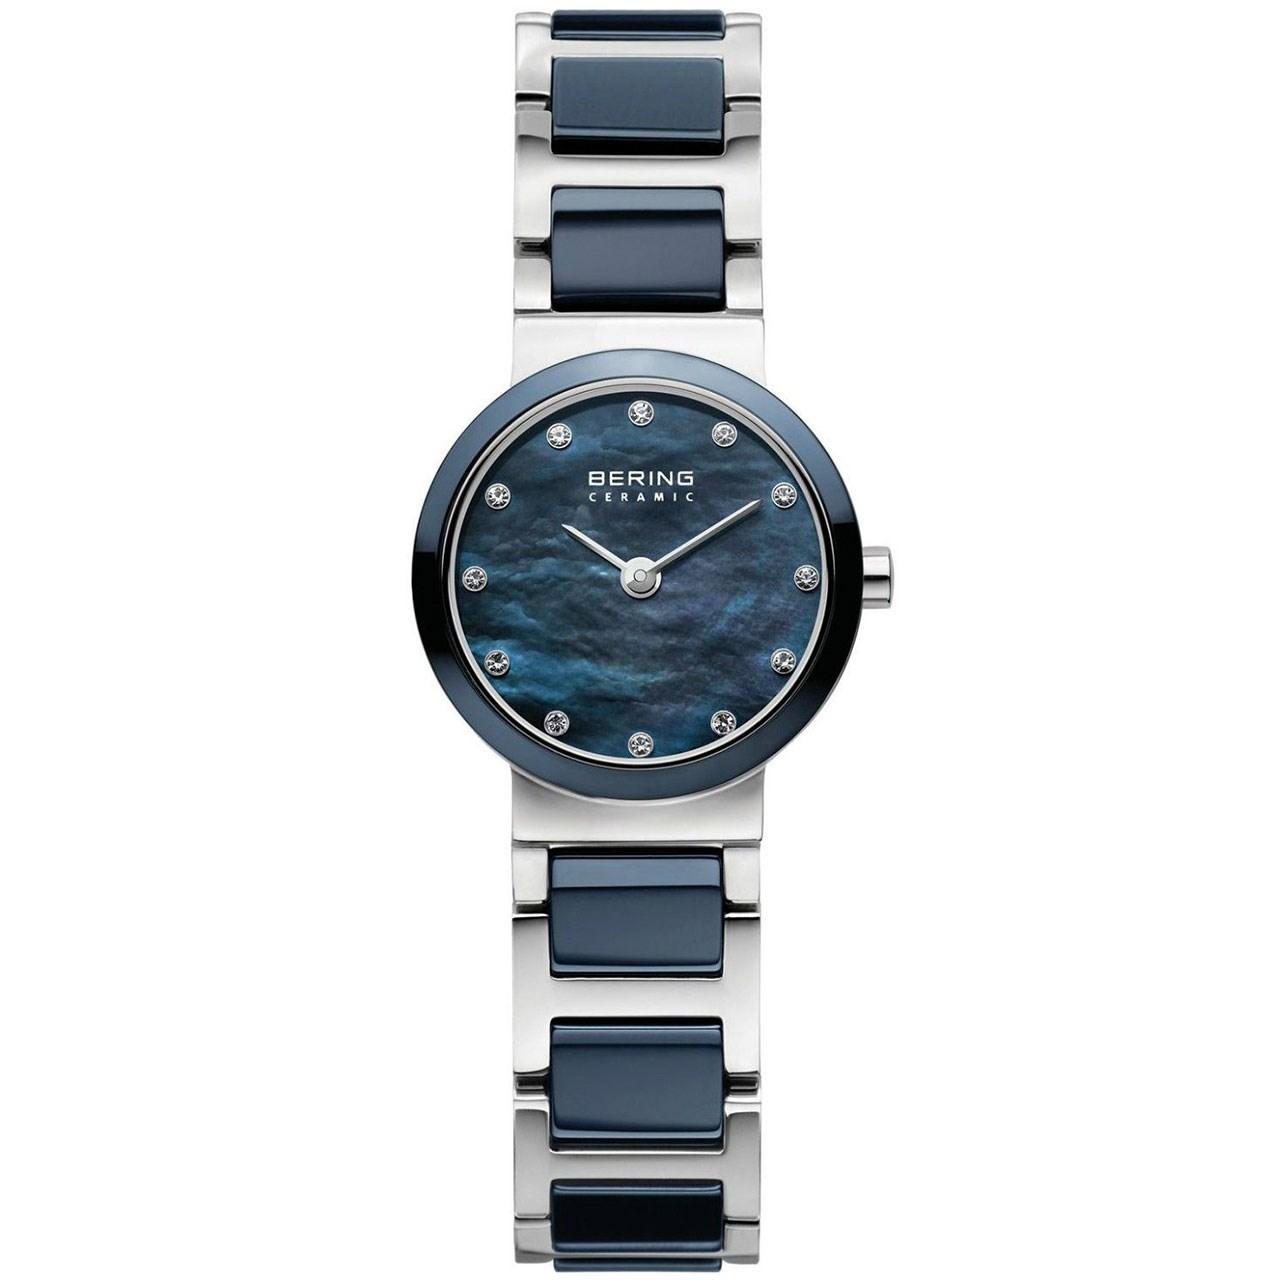 ساعت مچی عقربه ای زنانه برینگ مدل B10729-787 10